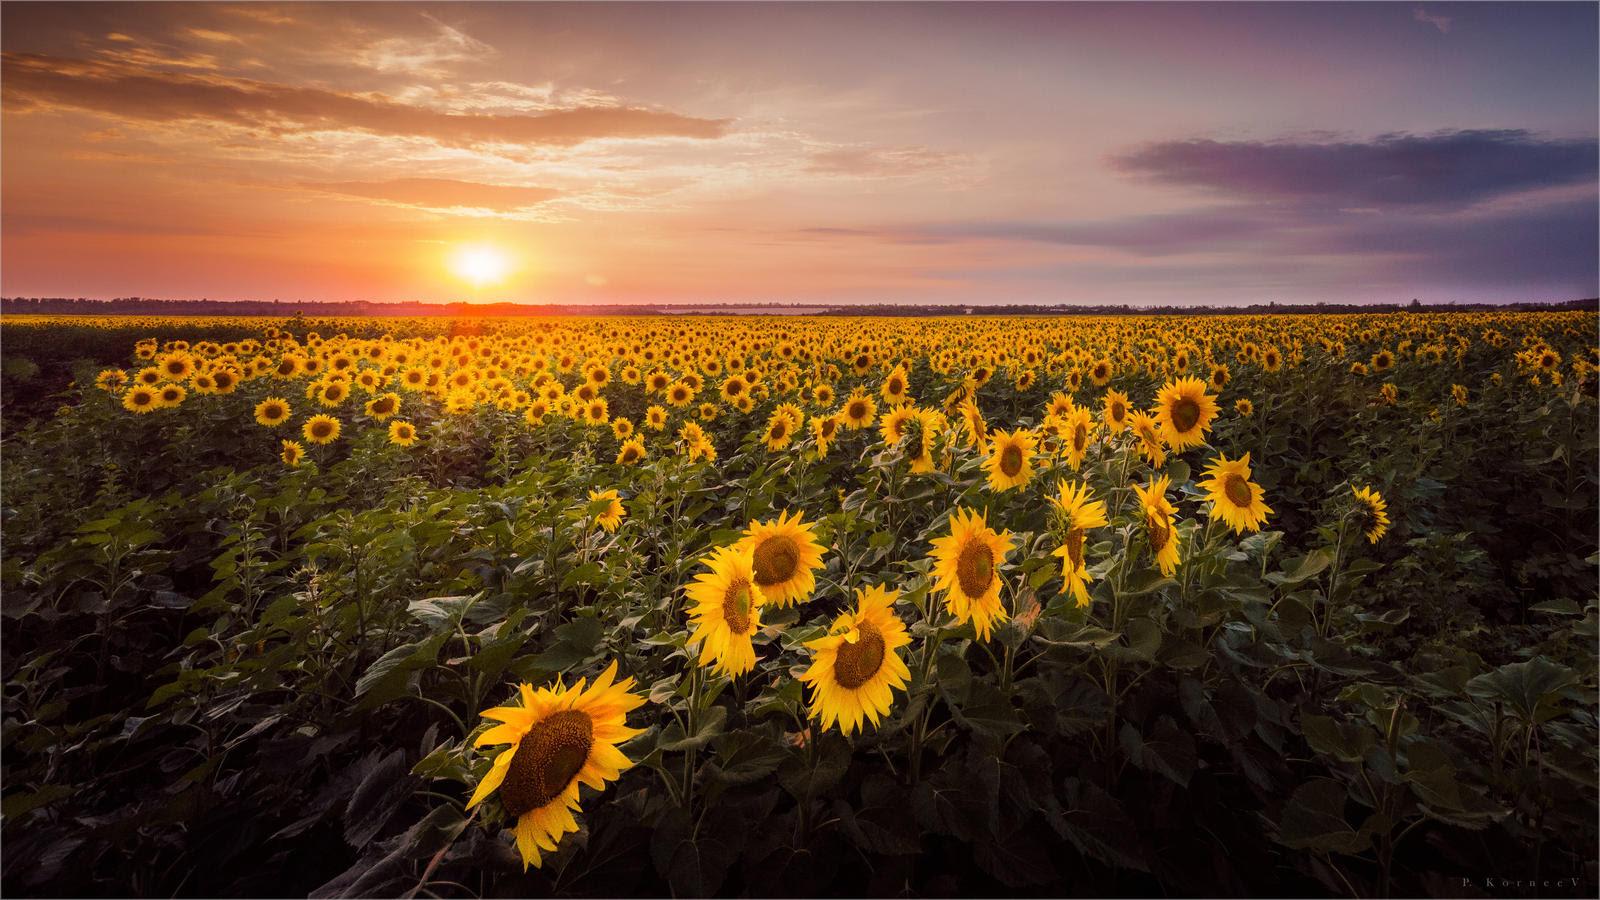 Sunset sunflowers by hitforsa on DeviantArt